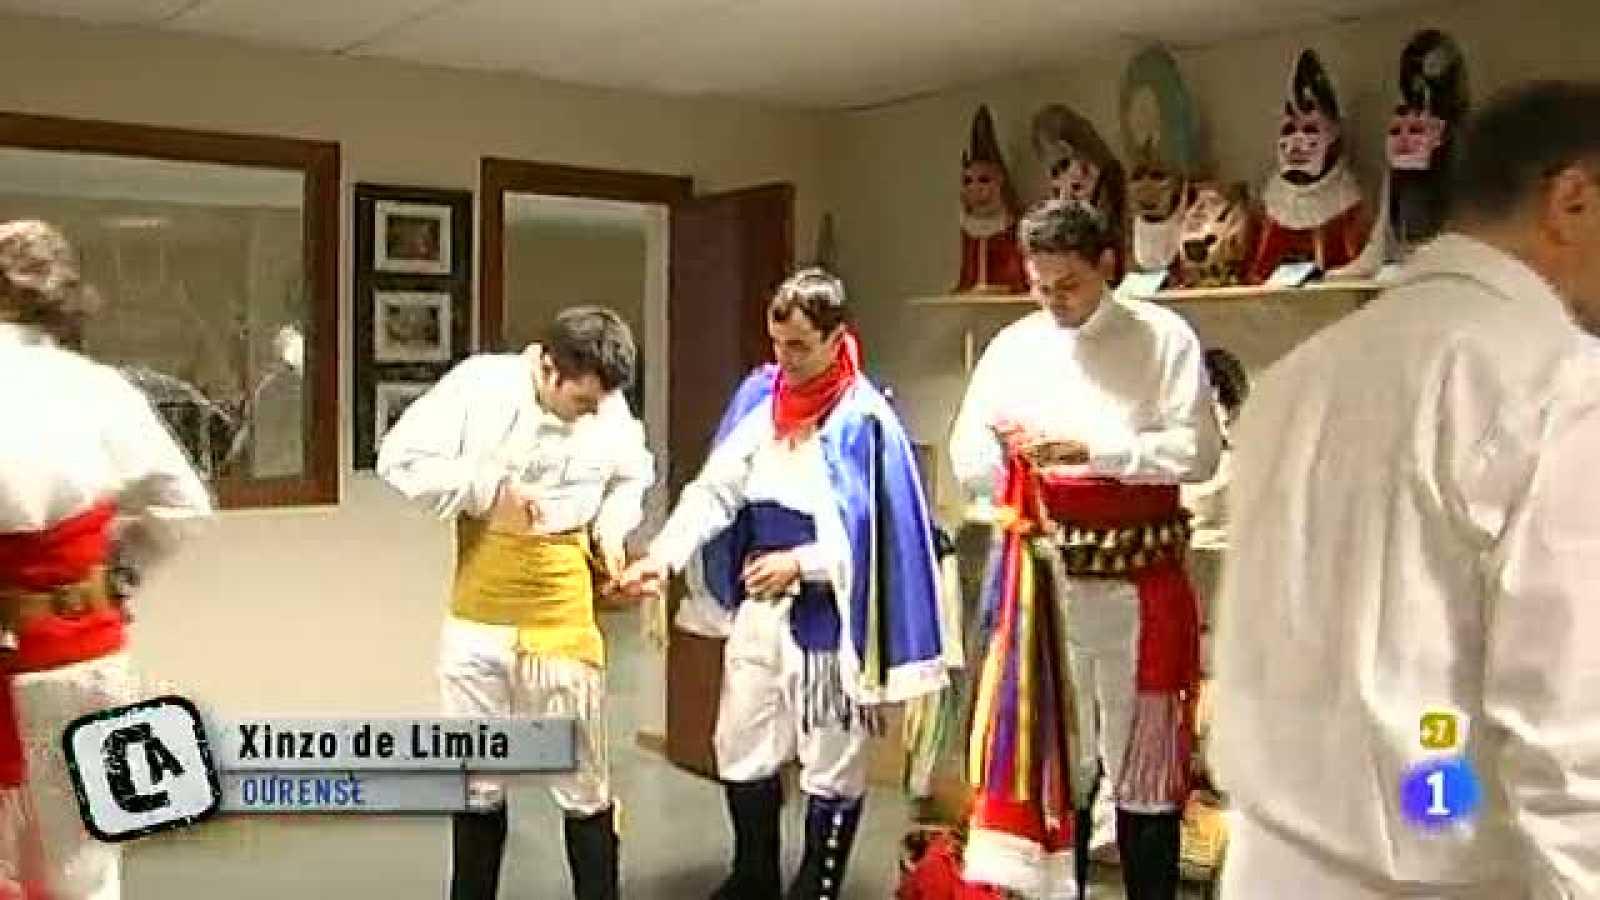 Comando Actualidad - Sin vergüenza - Carnaval Xinzo de Limia